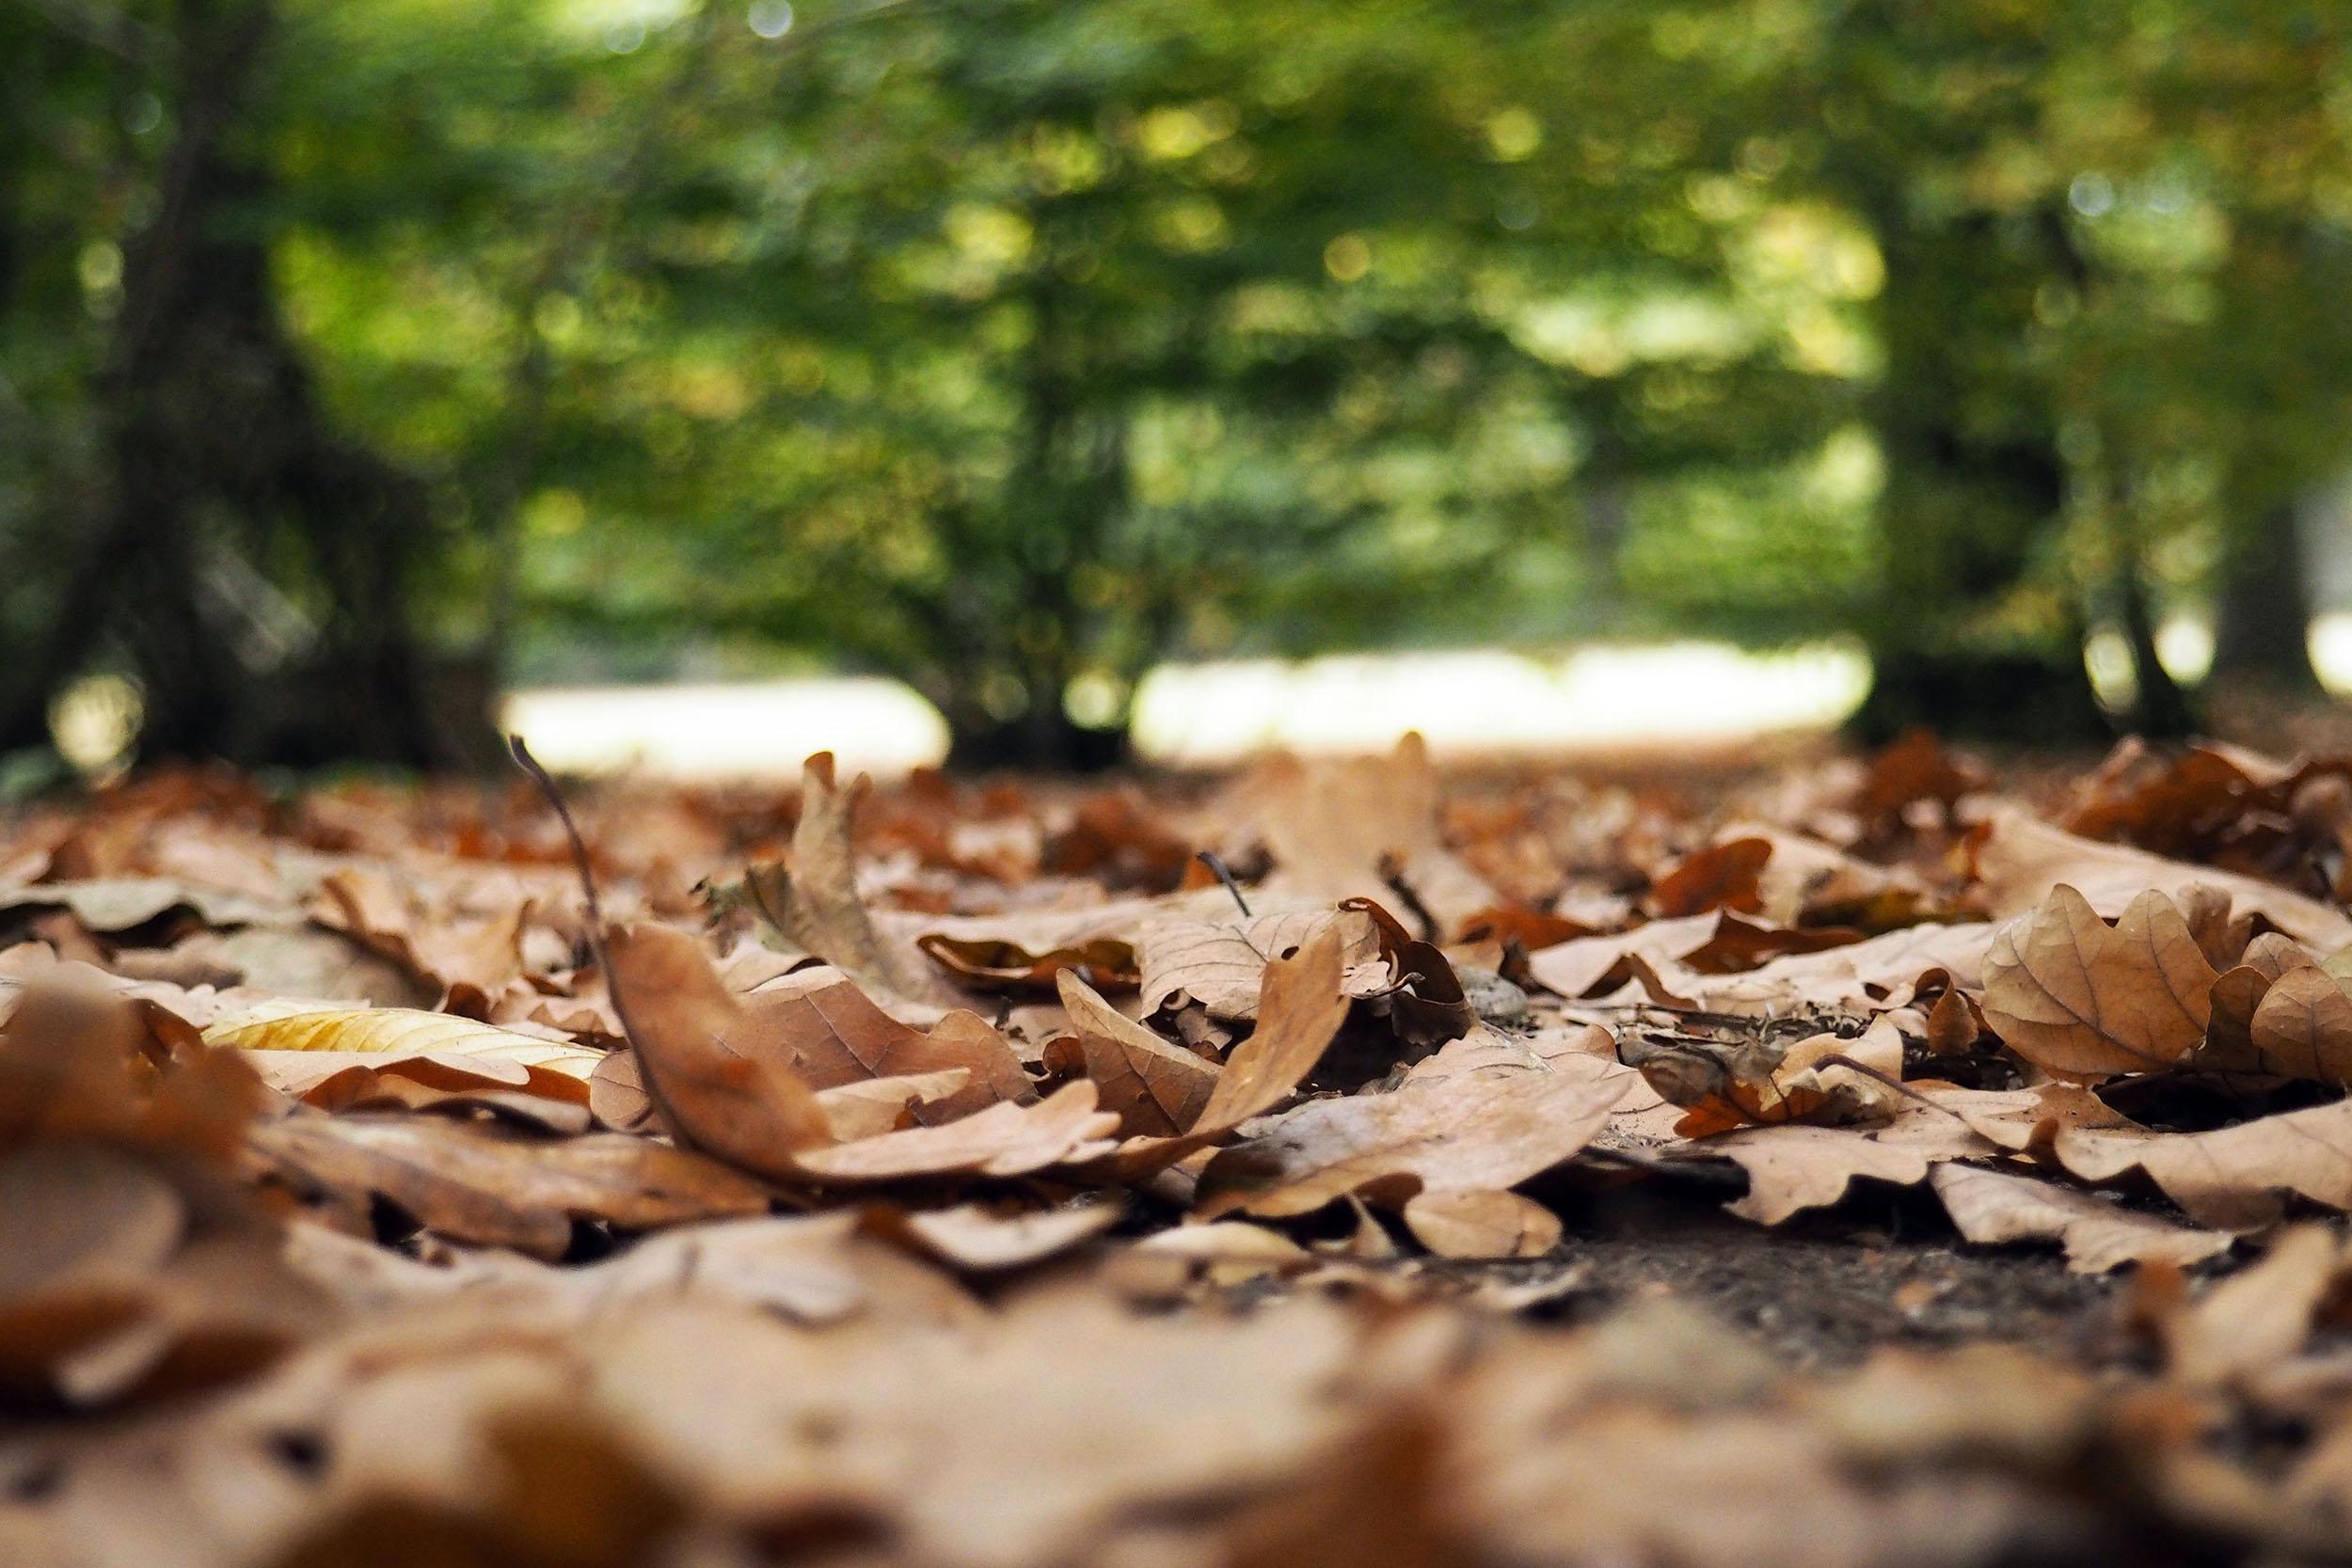 Autumn Leaves - 8